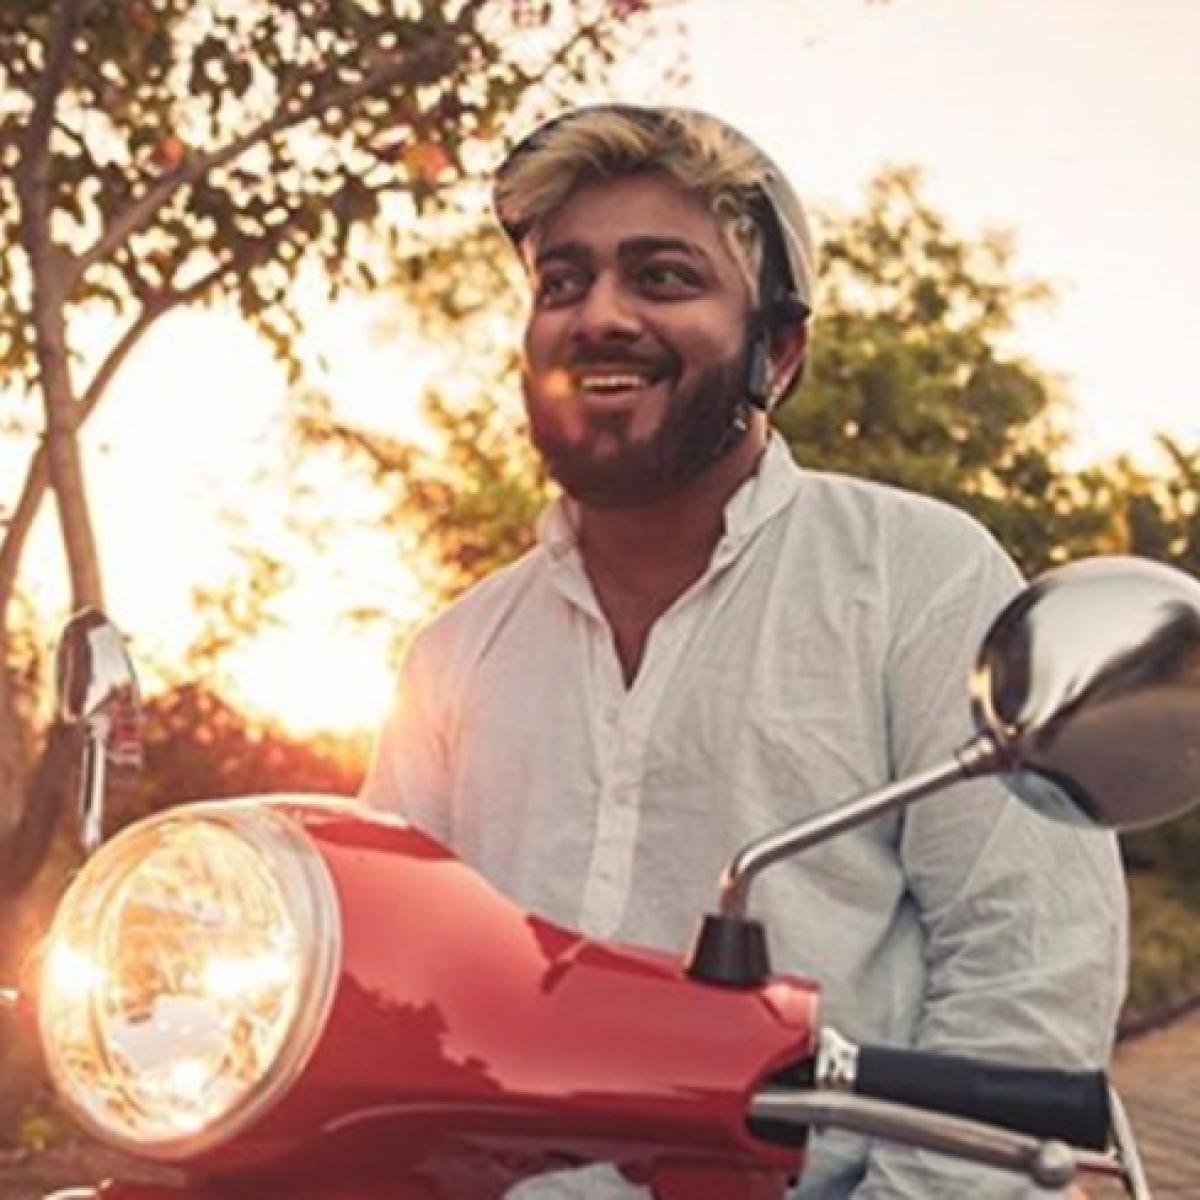 Ritviz slams T-Series for plagiarising his song 'Udd Gaye' in 'Pati Patni Aur Woh'